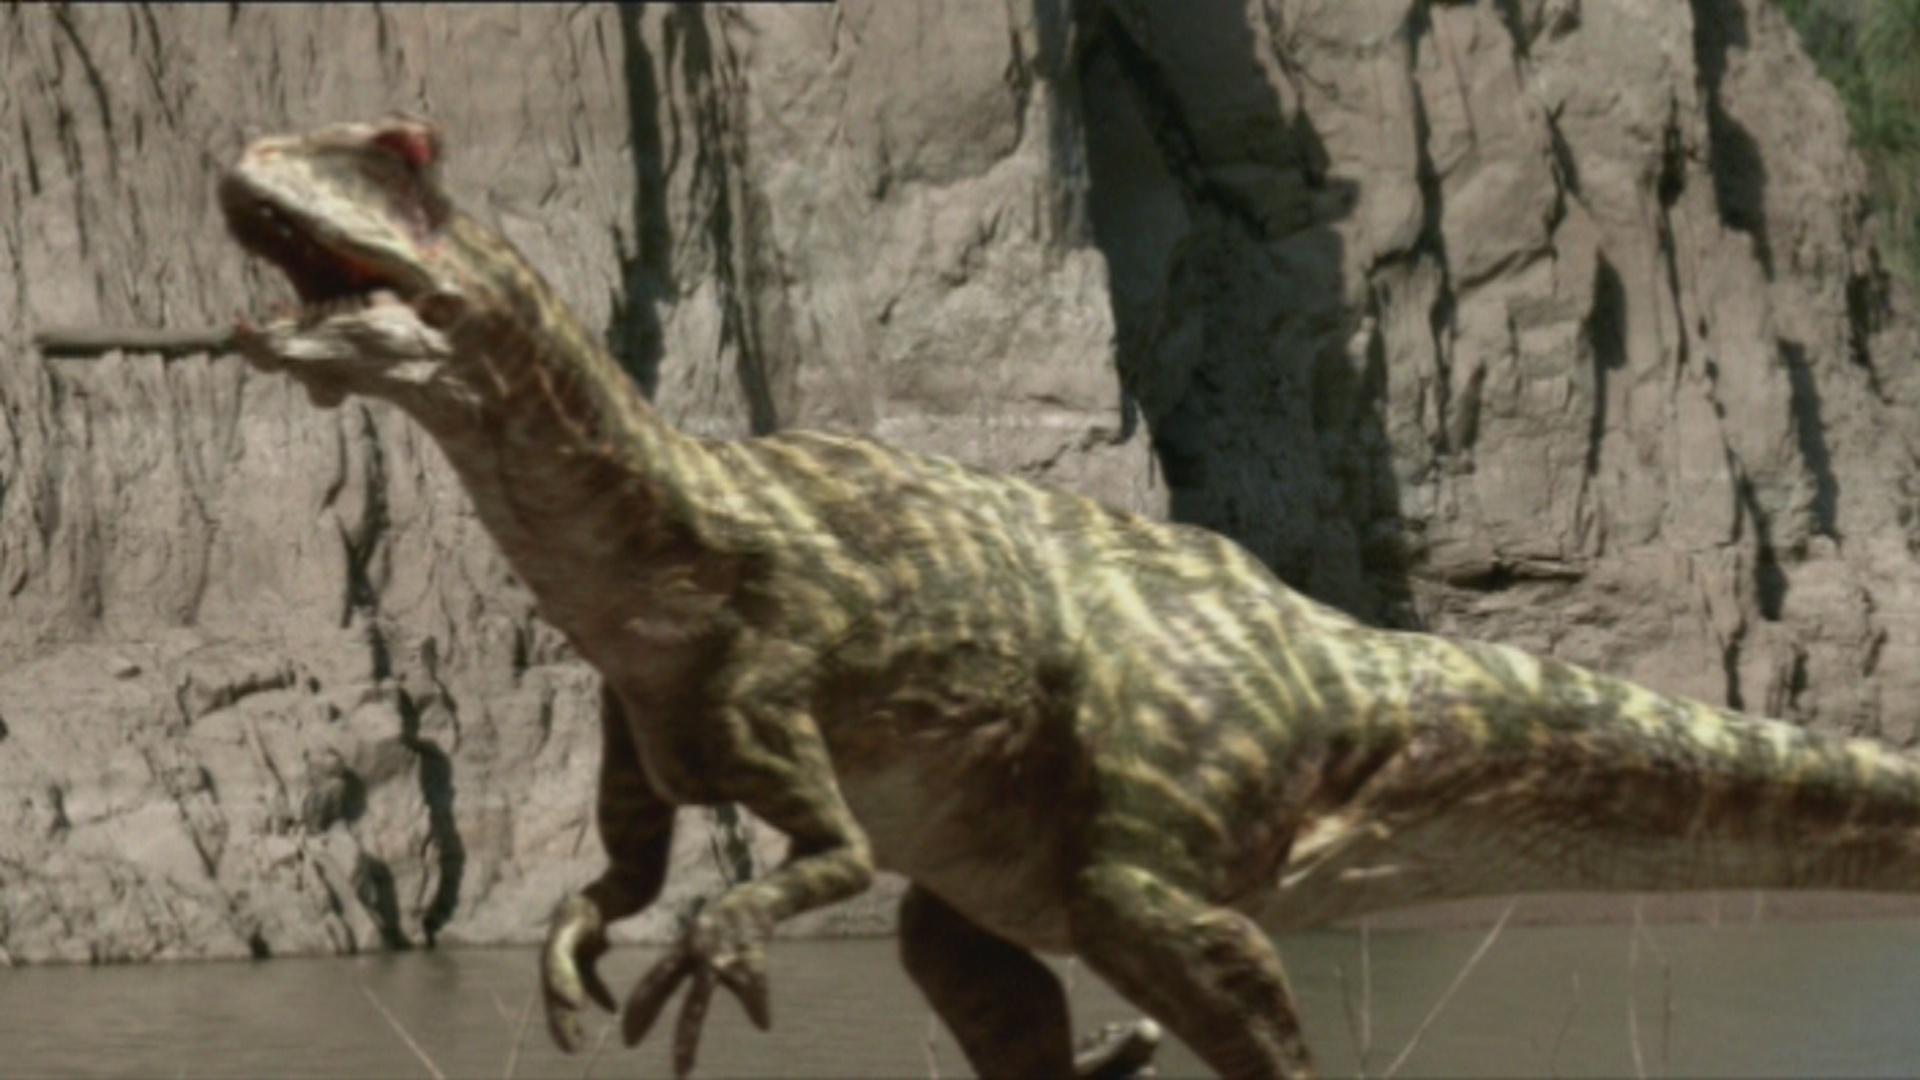 Jurassic park herrerasaurus toy